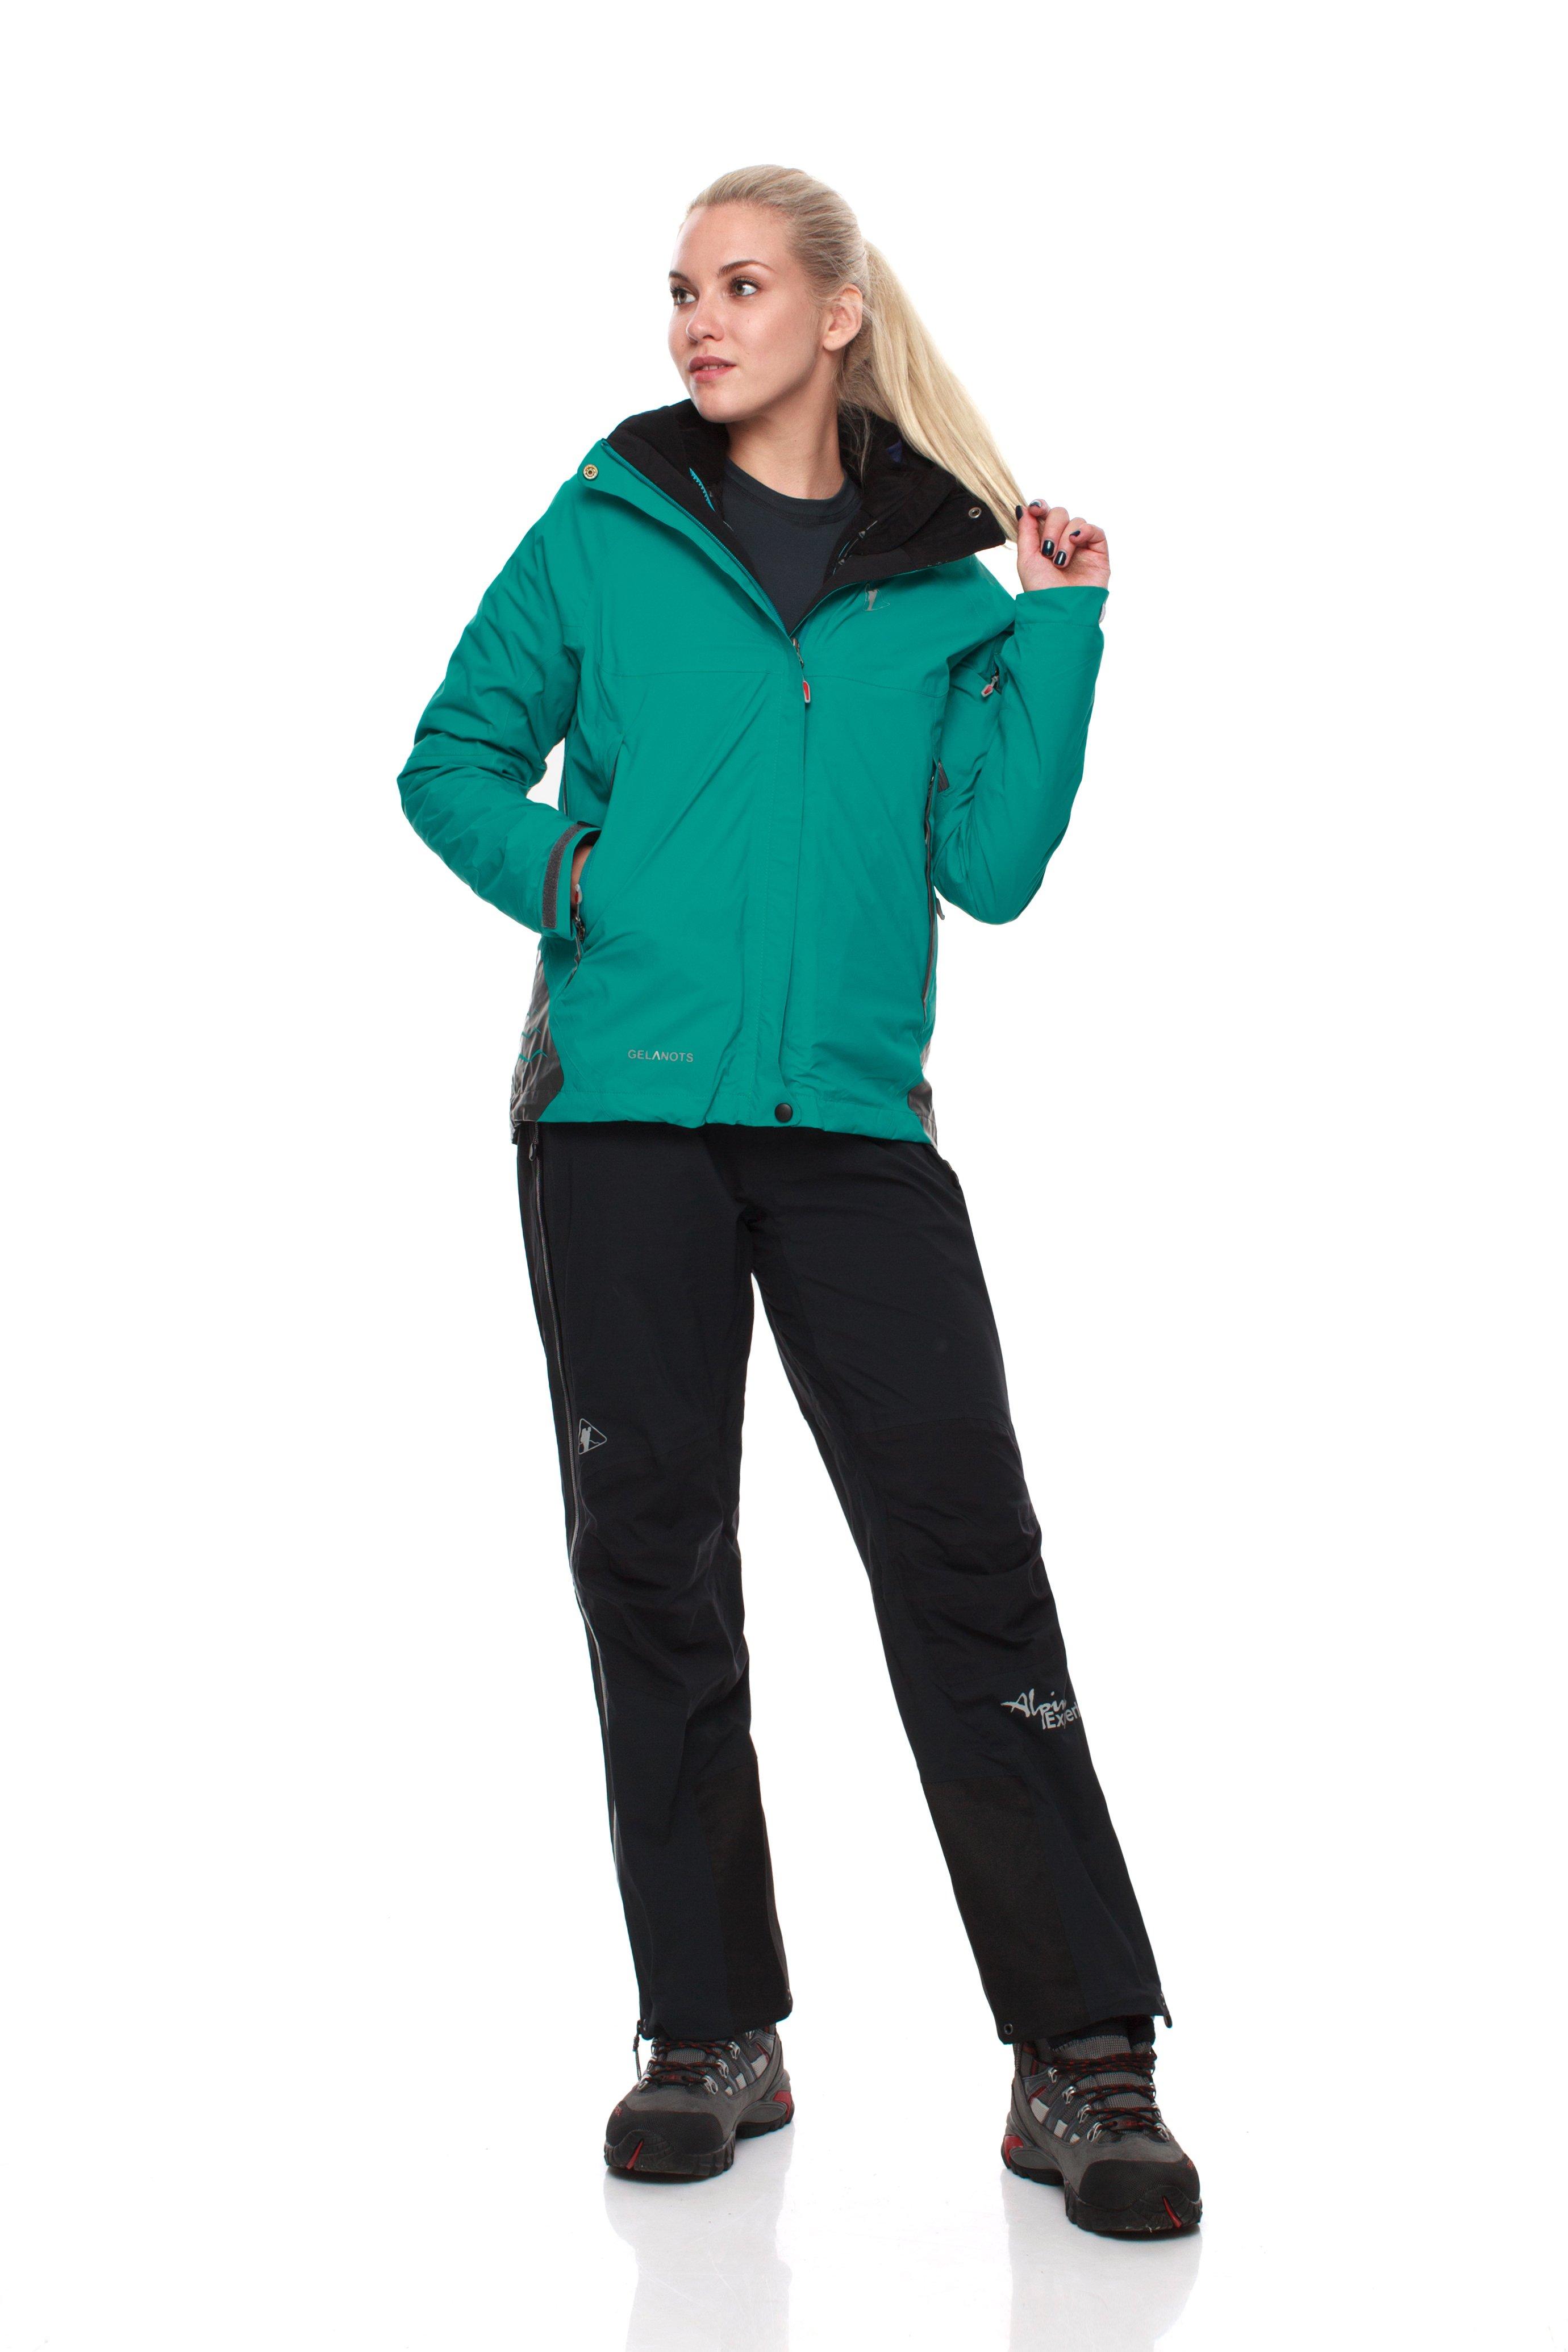 Куртка BASK KAMI LADY 3889Куртки<br><br><br>Верхняя ткань: Gelanots® 2L<br>Вес граммы: 1430<br>Ветро-влагозащитные свойства верхней ткани: Нет<br>Ветрозащитная планка: Нет<br>Ветрозащитная юбка: Нет<br>Влагозащитные молнии: Нет<br>Внутренние манжеты: Нет<br>Внутренняя ткань: Polyester Mesh, Nylon Taffeta<br>Дублирующий центральную молнию клапан: Нет<br>Защитный козырёк капюшона: Нет<br>Карман для средств связи: Нет<br>Объемный крой локтевой зоны: Нет<br>Отстёгивающиеся рукава: Нет<br>Пол: Женский<br>Проклейка швов: Нет<br>Регулировка манжетов рукавов: Нет<br>Регулировка низа: Нет<br>Регулировка объёма капюшона: Нет<br>Регулировка талии: Нет<br>Регулируемые вентиляционные отверстия: Нет<br>Световозвращающая лента: Нет<br>Технология Thermal Welding: Нет<br>Усиление контактных зон: Нет